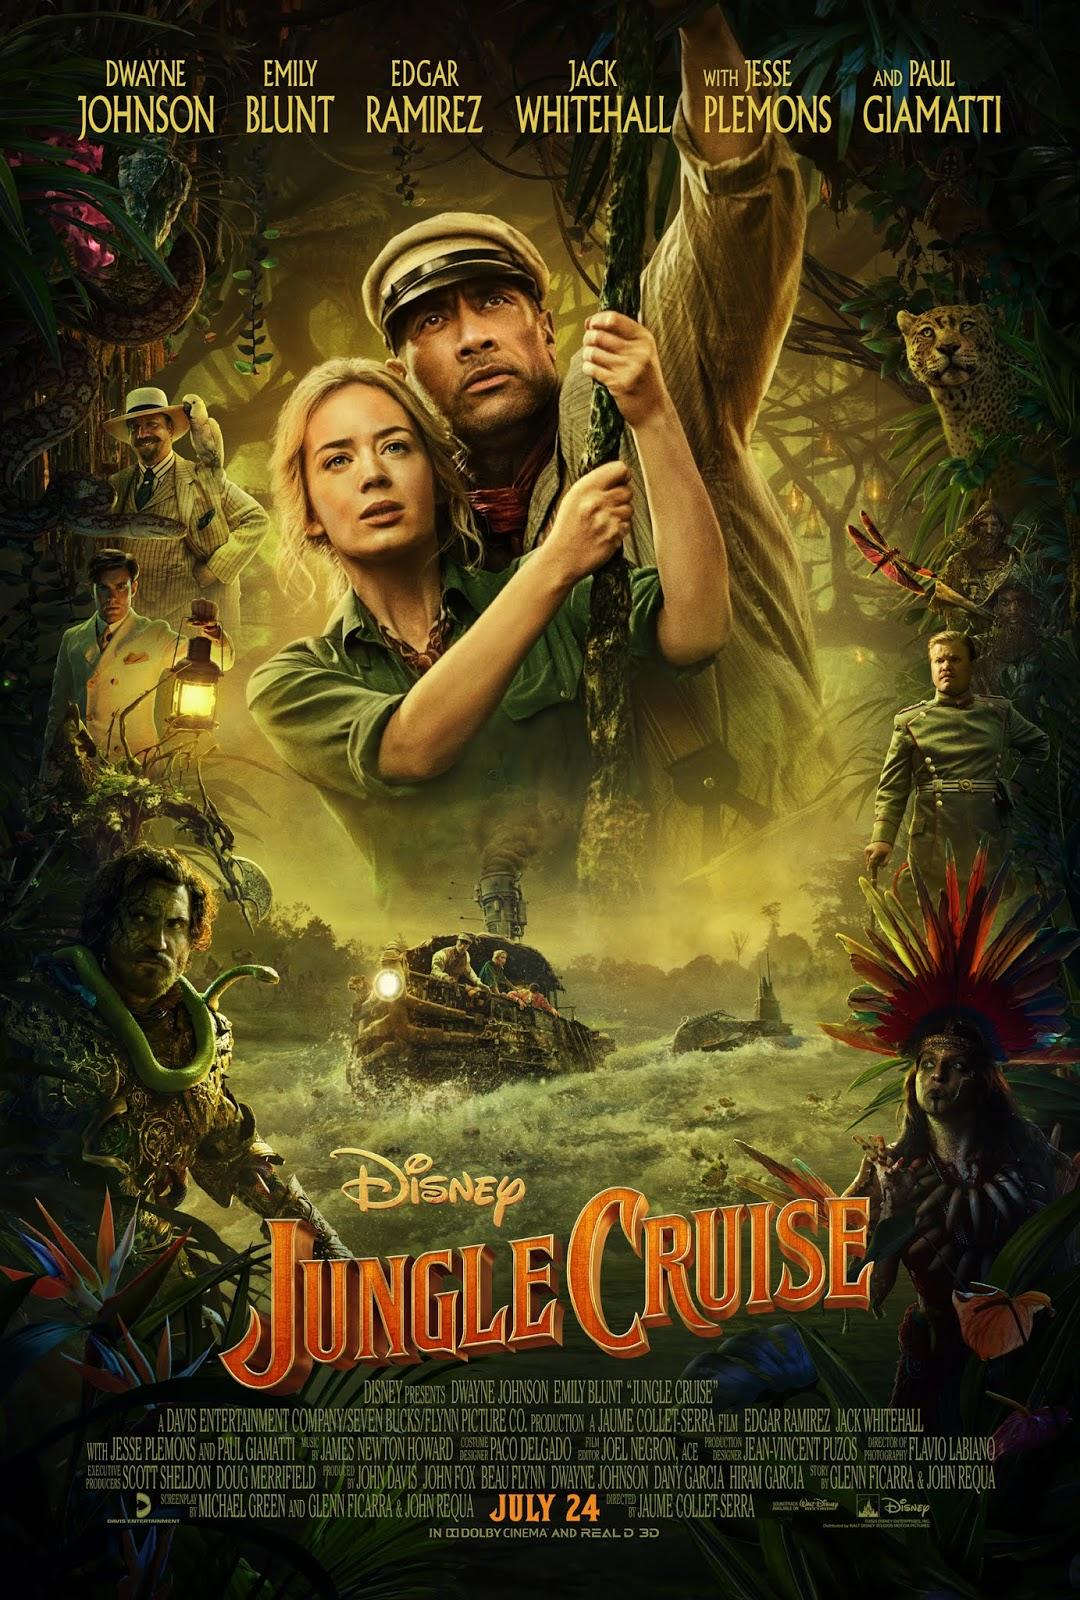 Xem Phim Jungle Cruise: Thám Hiểm Rừng Xanh - Jungle Cruise Full Vietsub | Thuyết Minh HD Online